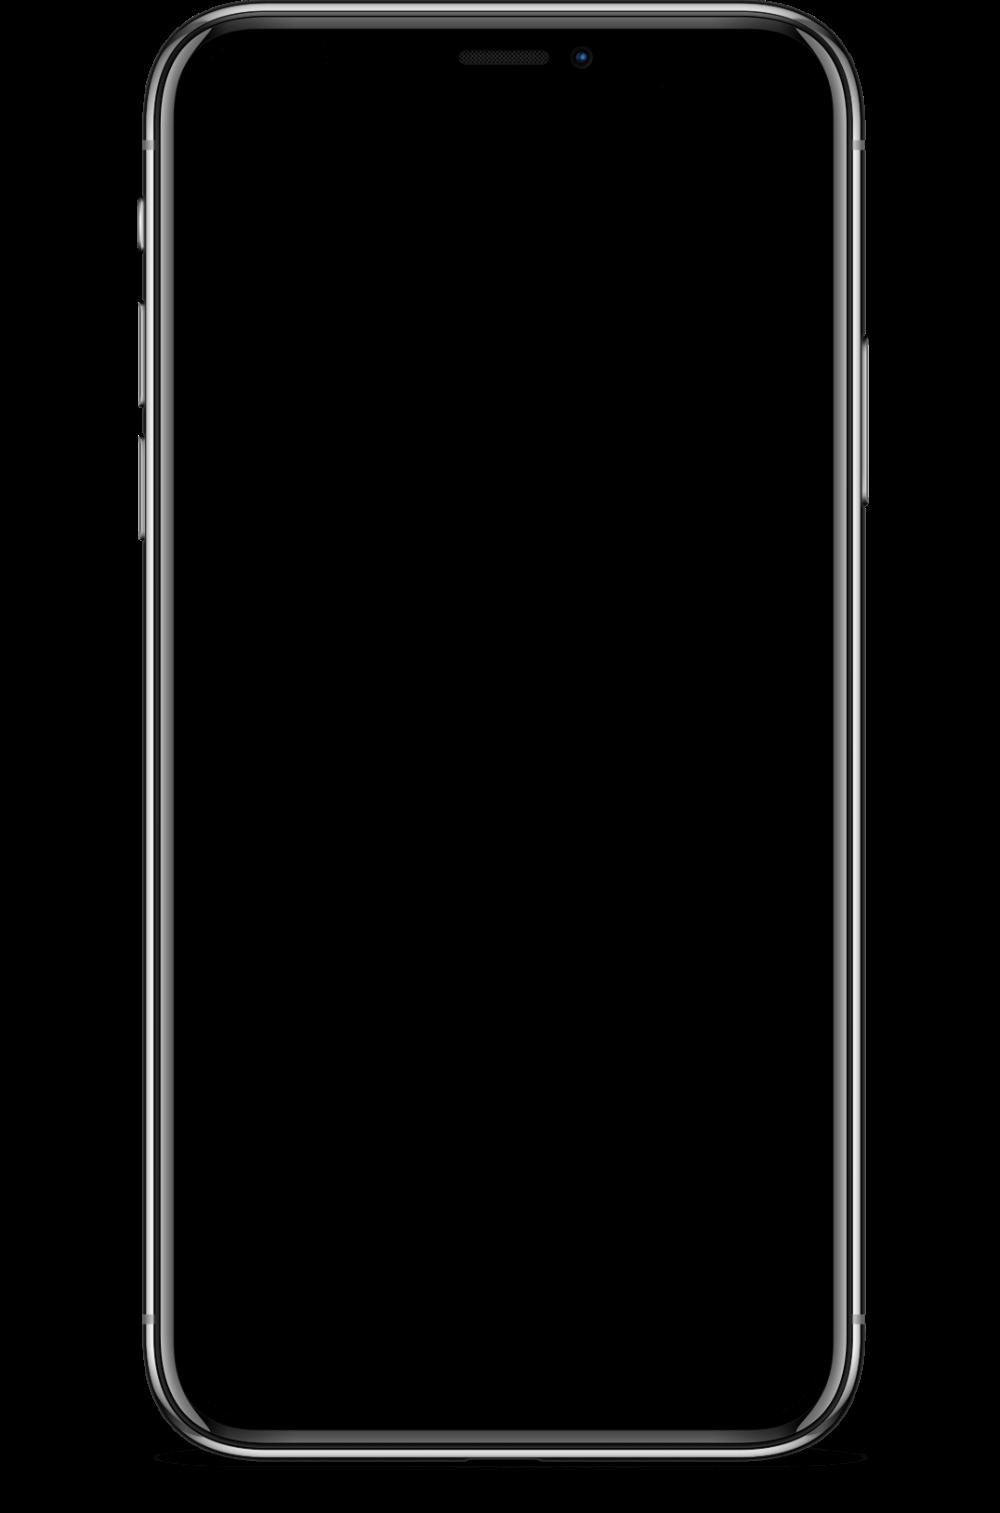 Phone Screen Mockup Google Search Imagens De Iphone Molduras Para Fotos Digitais Aplicativos Para Instagram